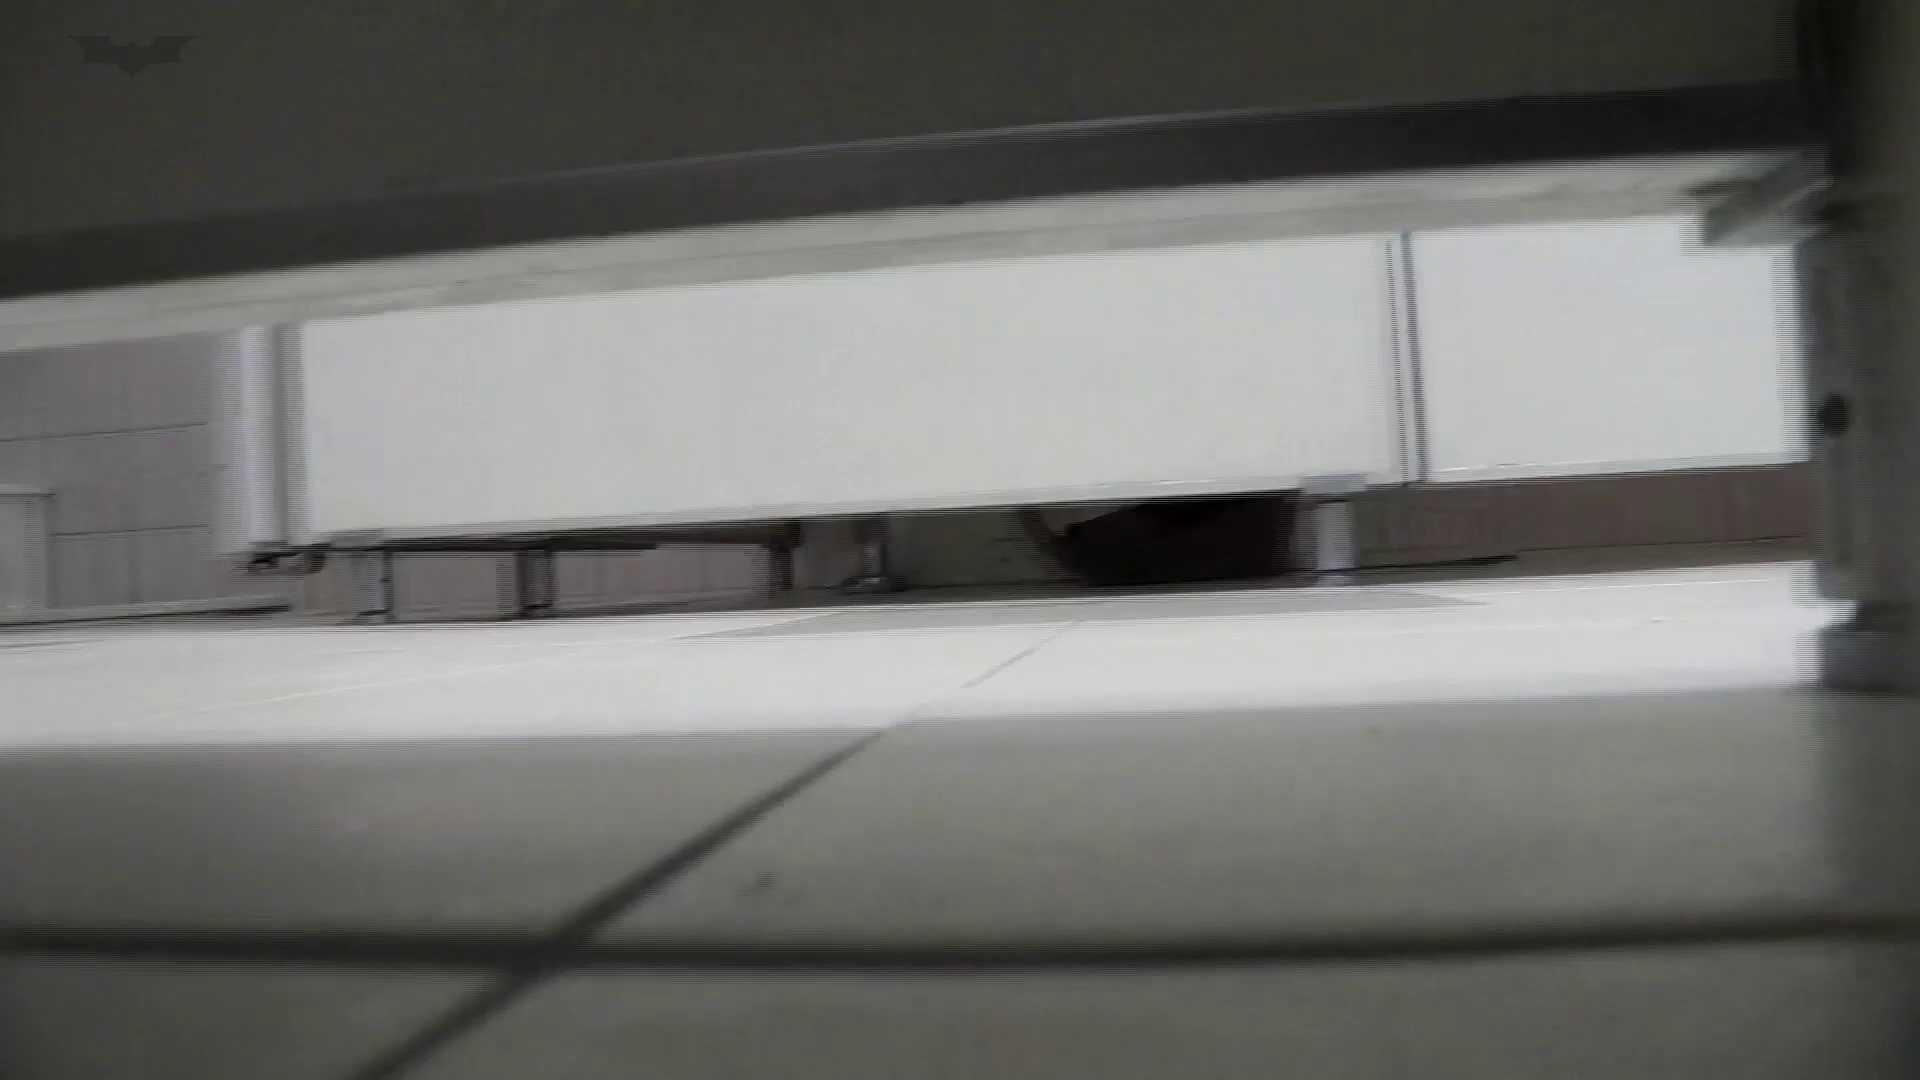 美しい日本の未来 No.29 豹柄サンダルは便秘気味??? おまんこ  109pic 53